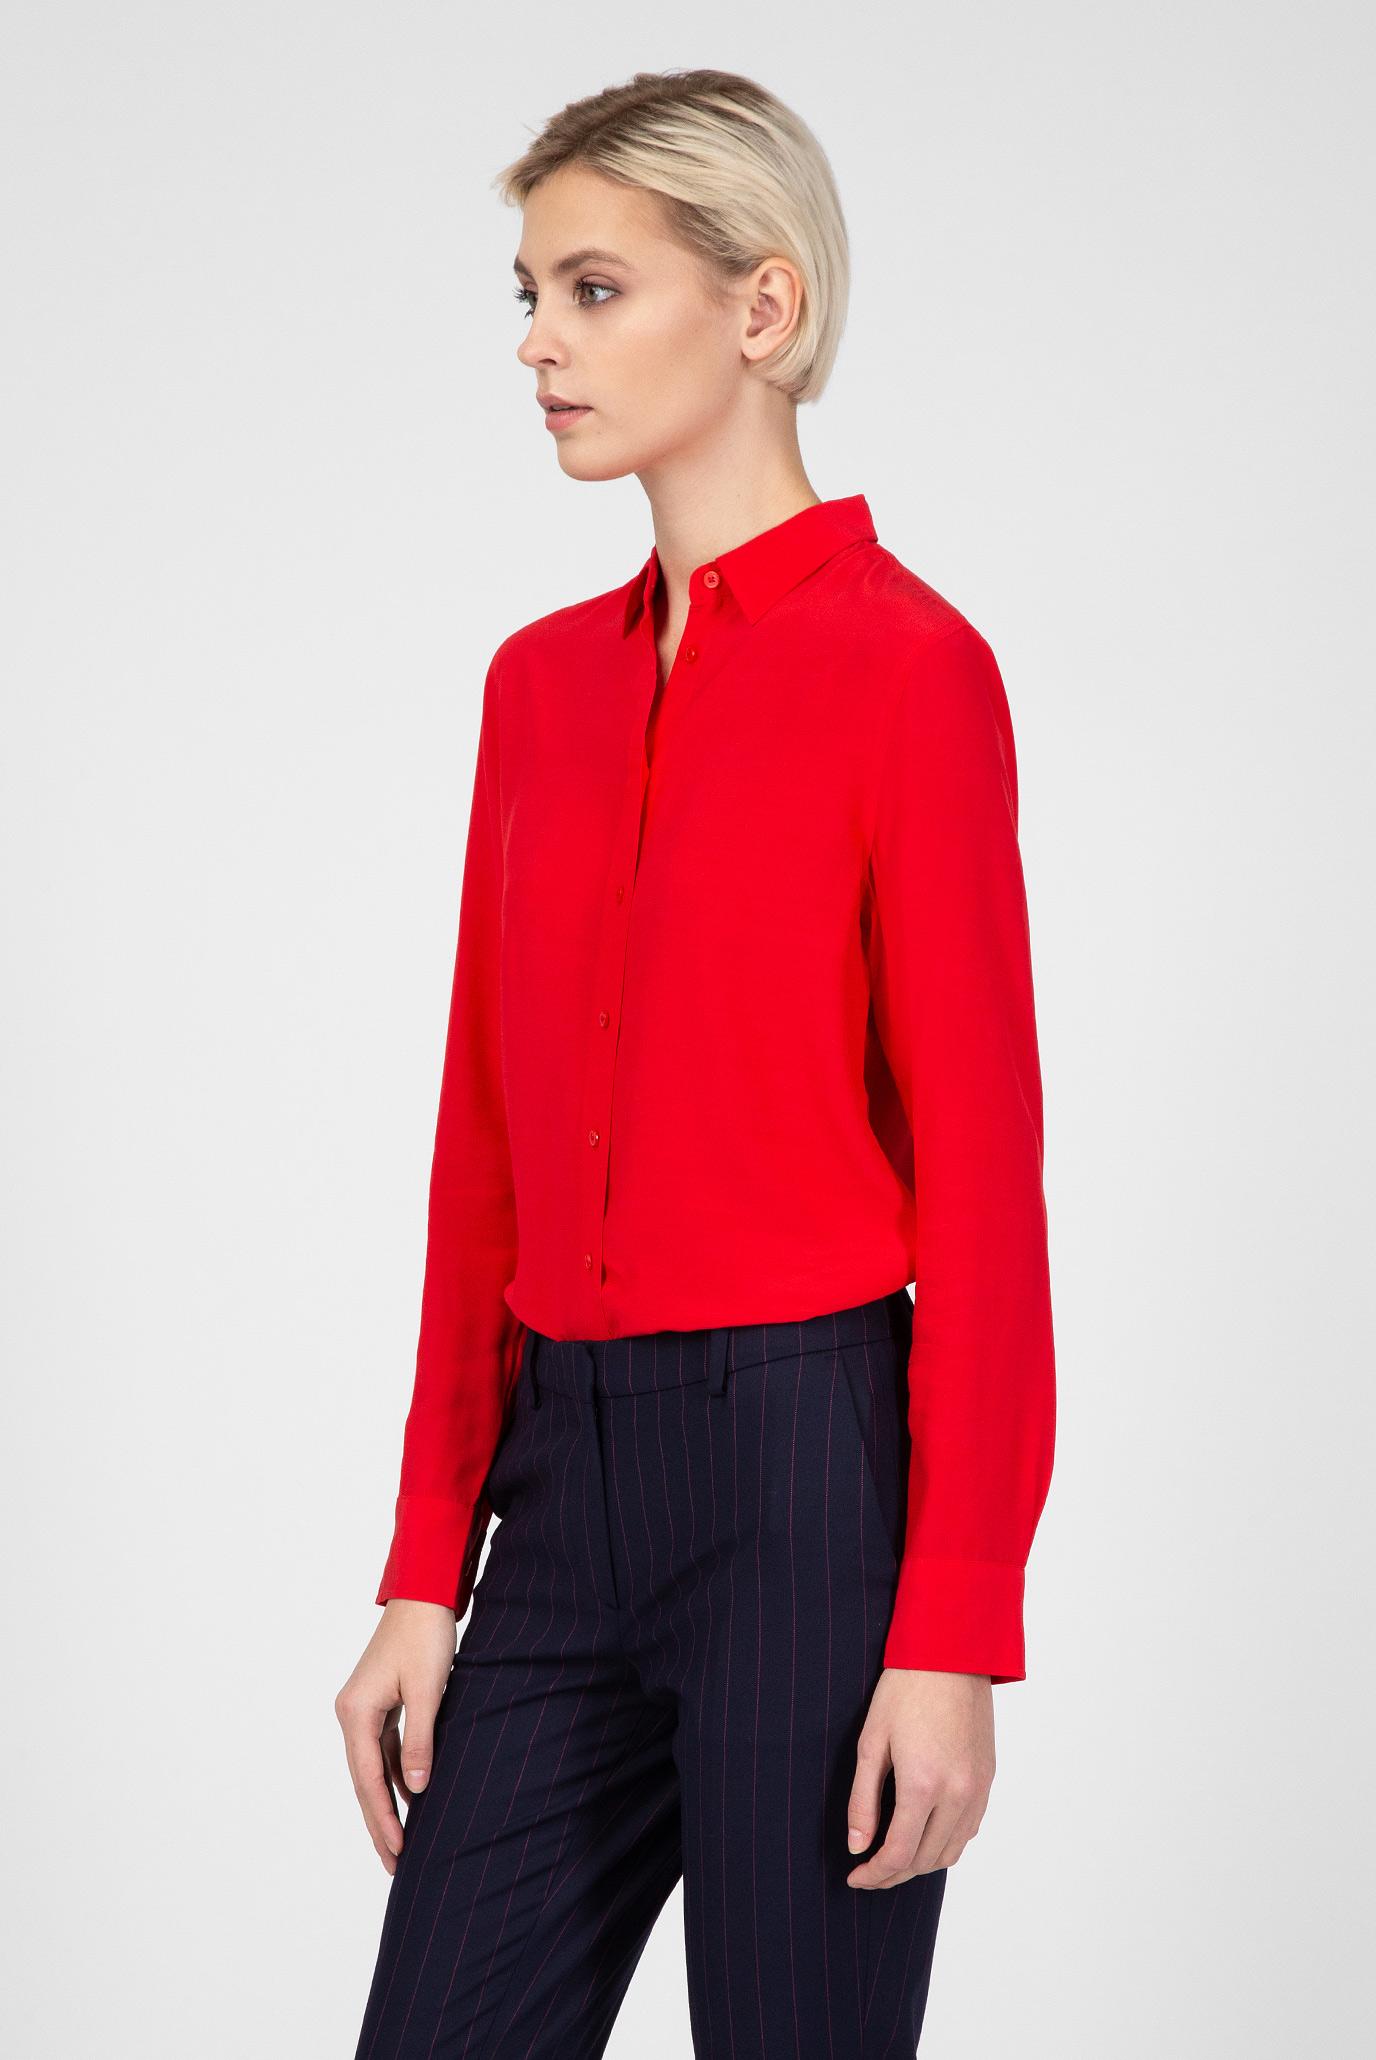 Купить Женская красная рубашка Gant Gant 4301060 – Киев, Украина. Цены в интернет магазине MD Fashion